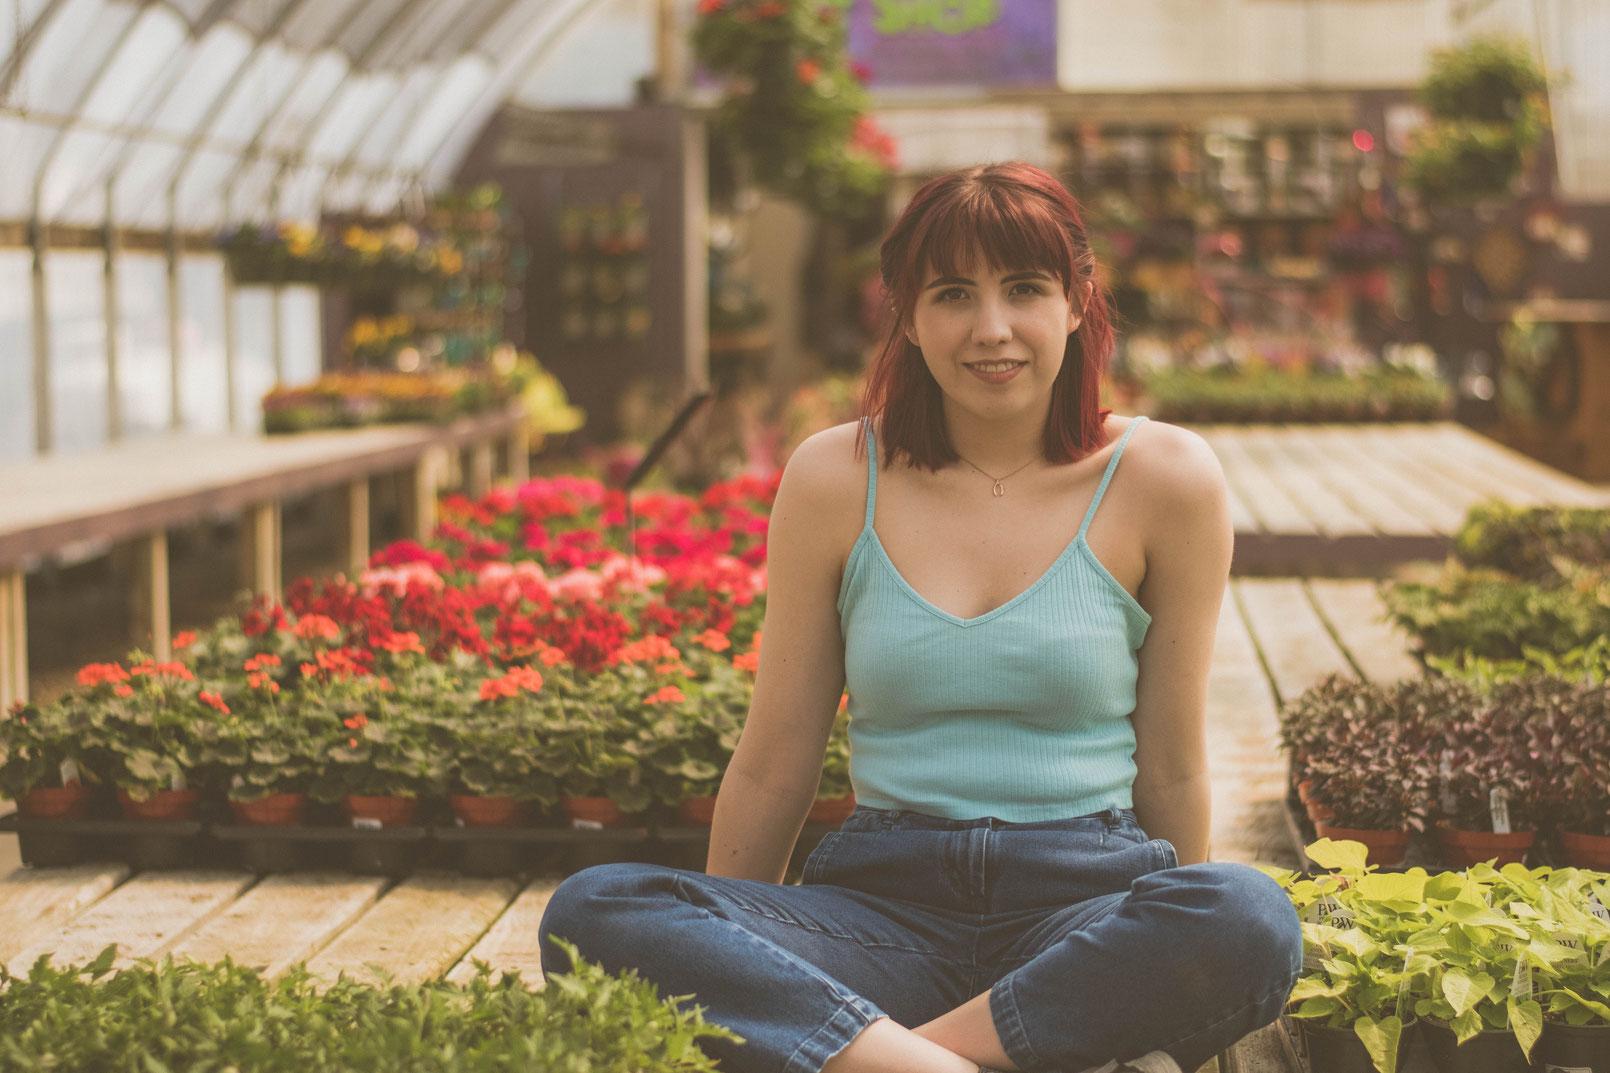 """ZIMMERPFLANZEN VERMEHREN - Mit unseren """"7 Tipps für Anfänger zum Vermehren von Zimmerpflanzen"""" hast du bereits die Grundlagen gelernt. Nun geht es ans """"Eingemachte""""! Du kannst damit beginnen, dir neue Pflanzen zu ziehen."""